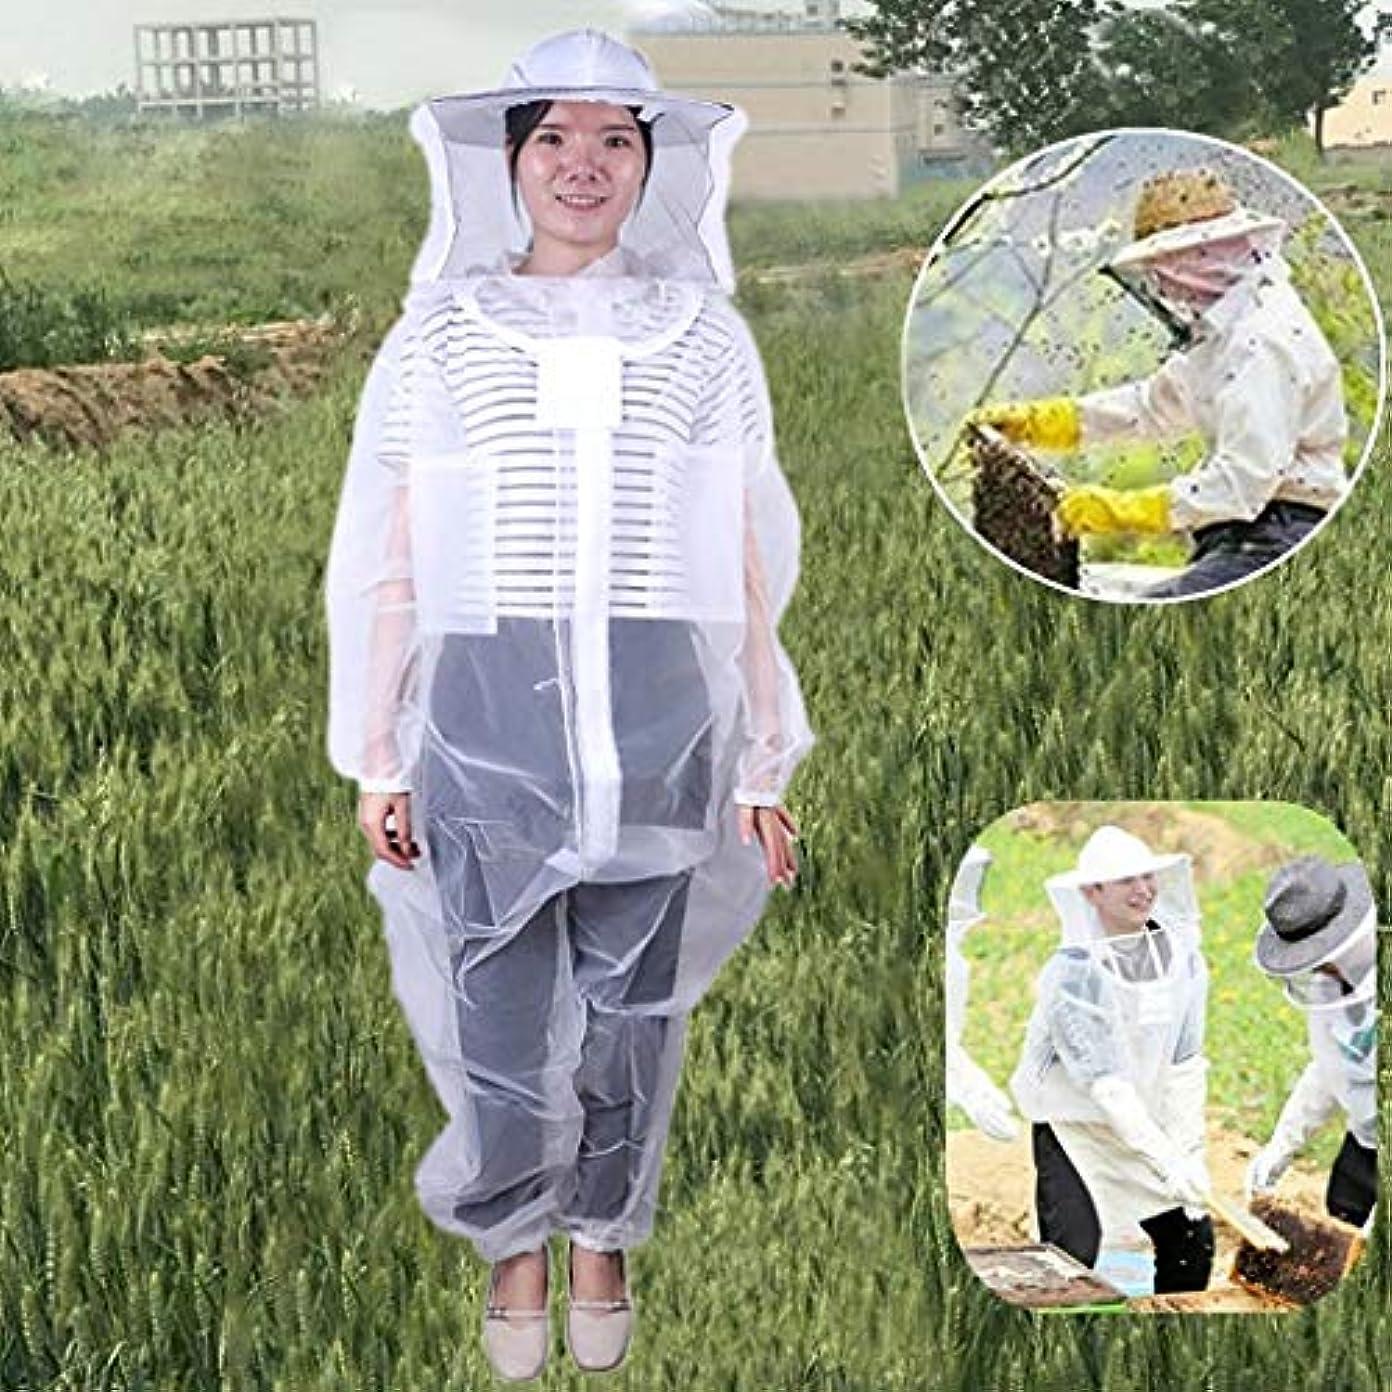 ベックス謙虚バーUamaze 抗ハチスーツ保護養蜂家綿養蜂ジャケットベール養蜂家装備、蜂のメンテナンスコストを削減蜂の餌やり管理を簡素化科学的かつ効率的な健康養蜂